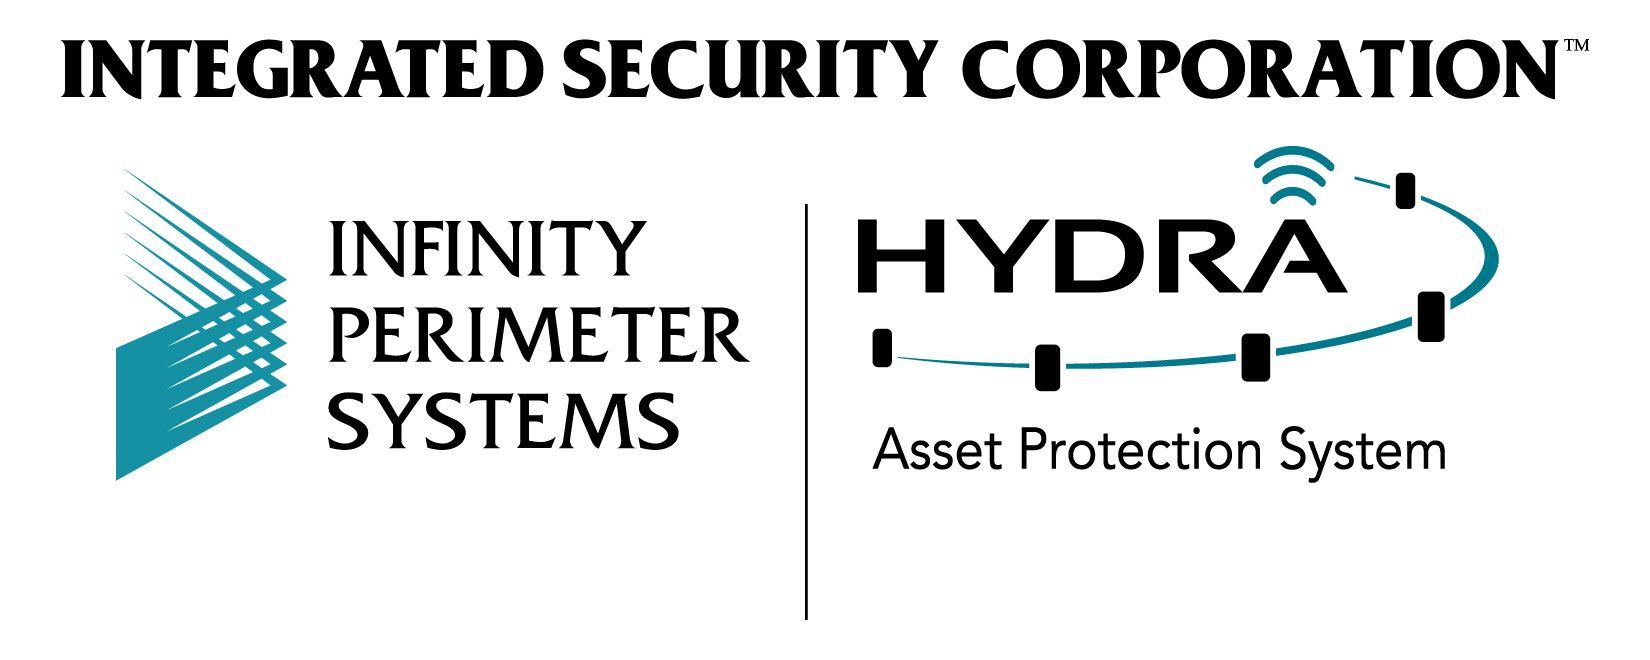 Corporación de seguridad integrada